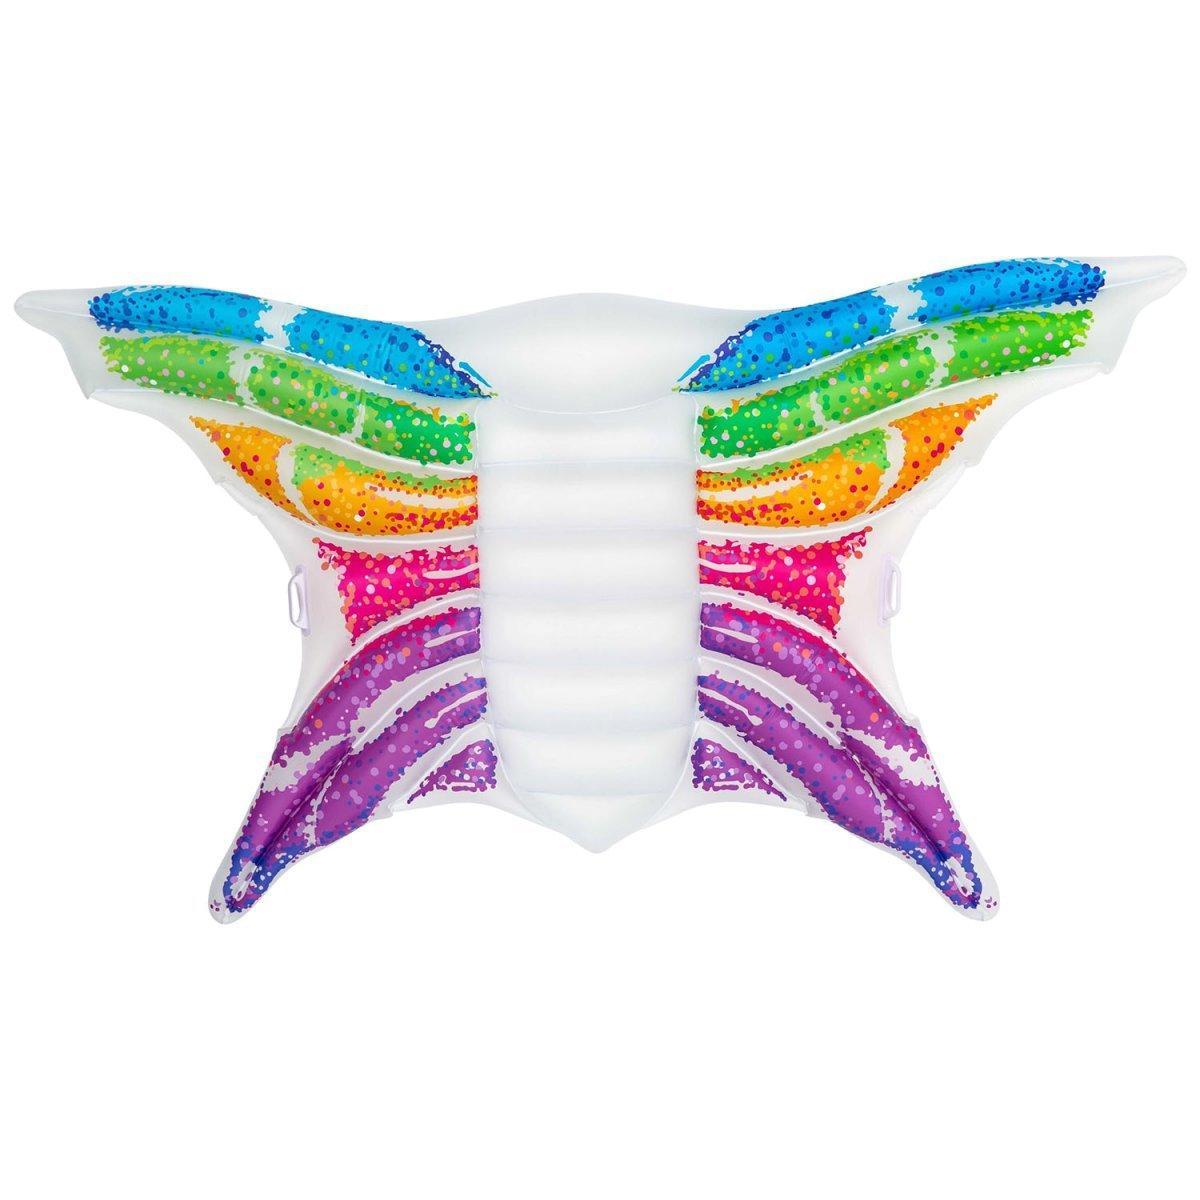 Надувной матрас Bestway 43261 Бабочка, 294 х 193 см